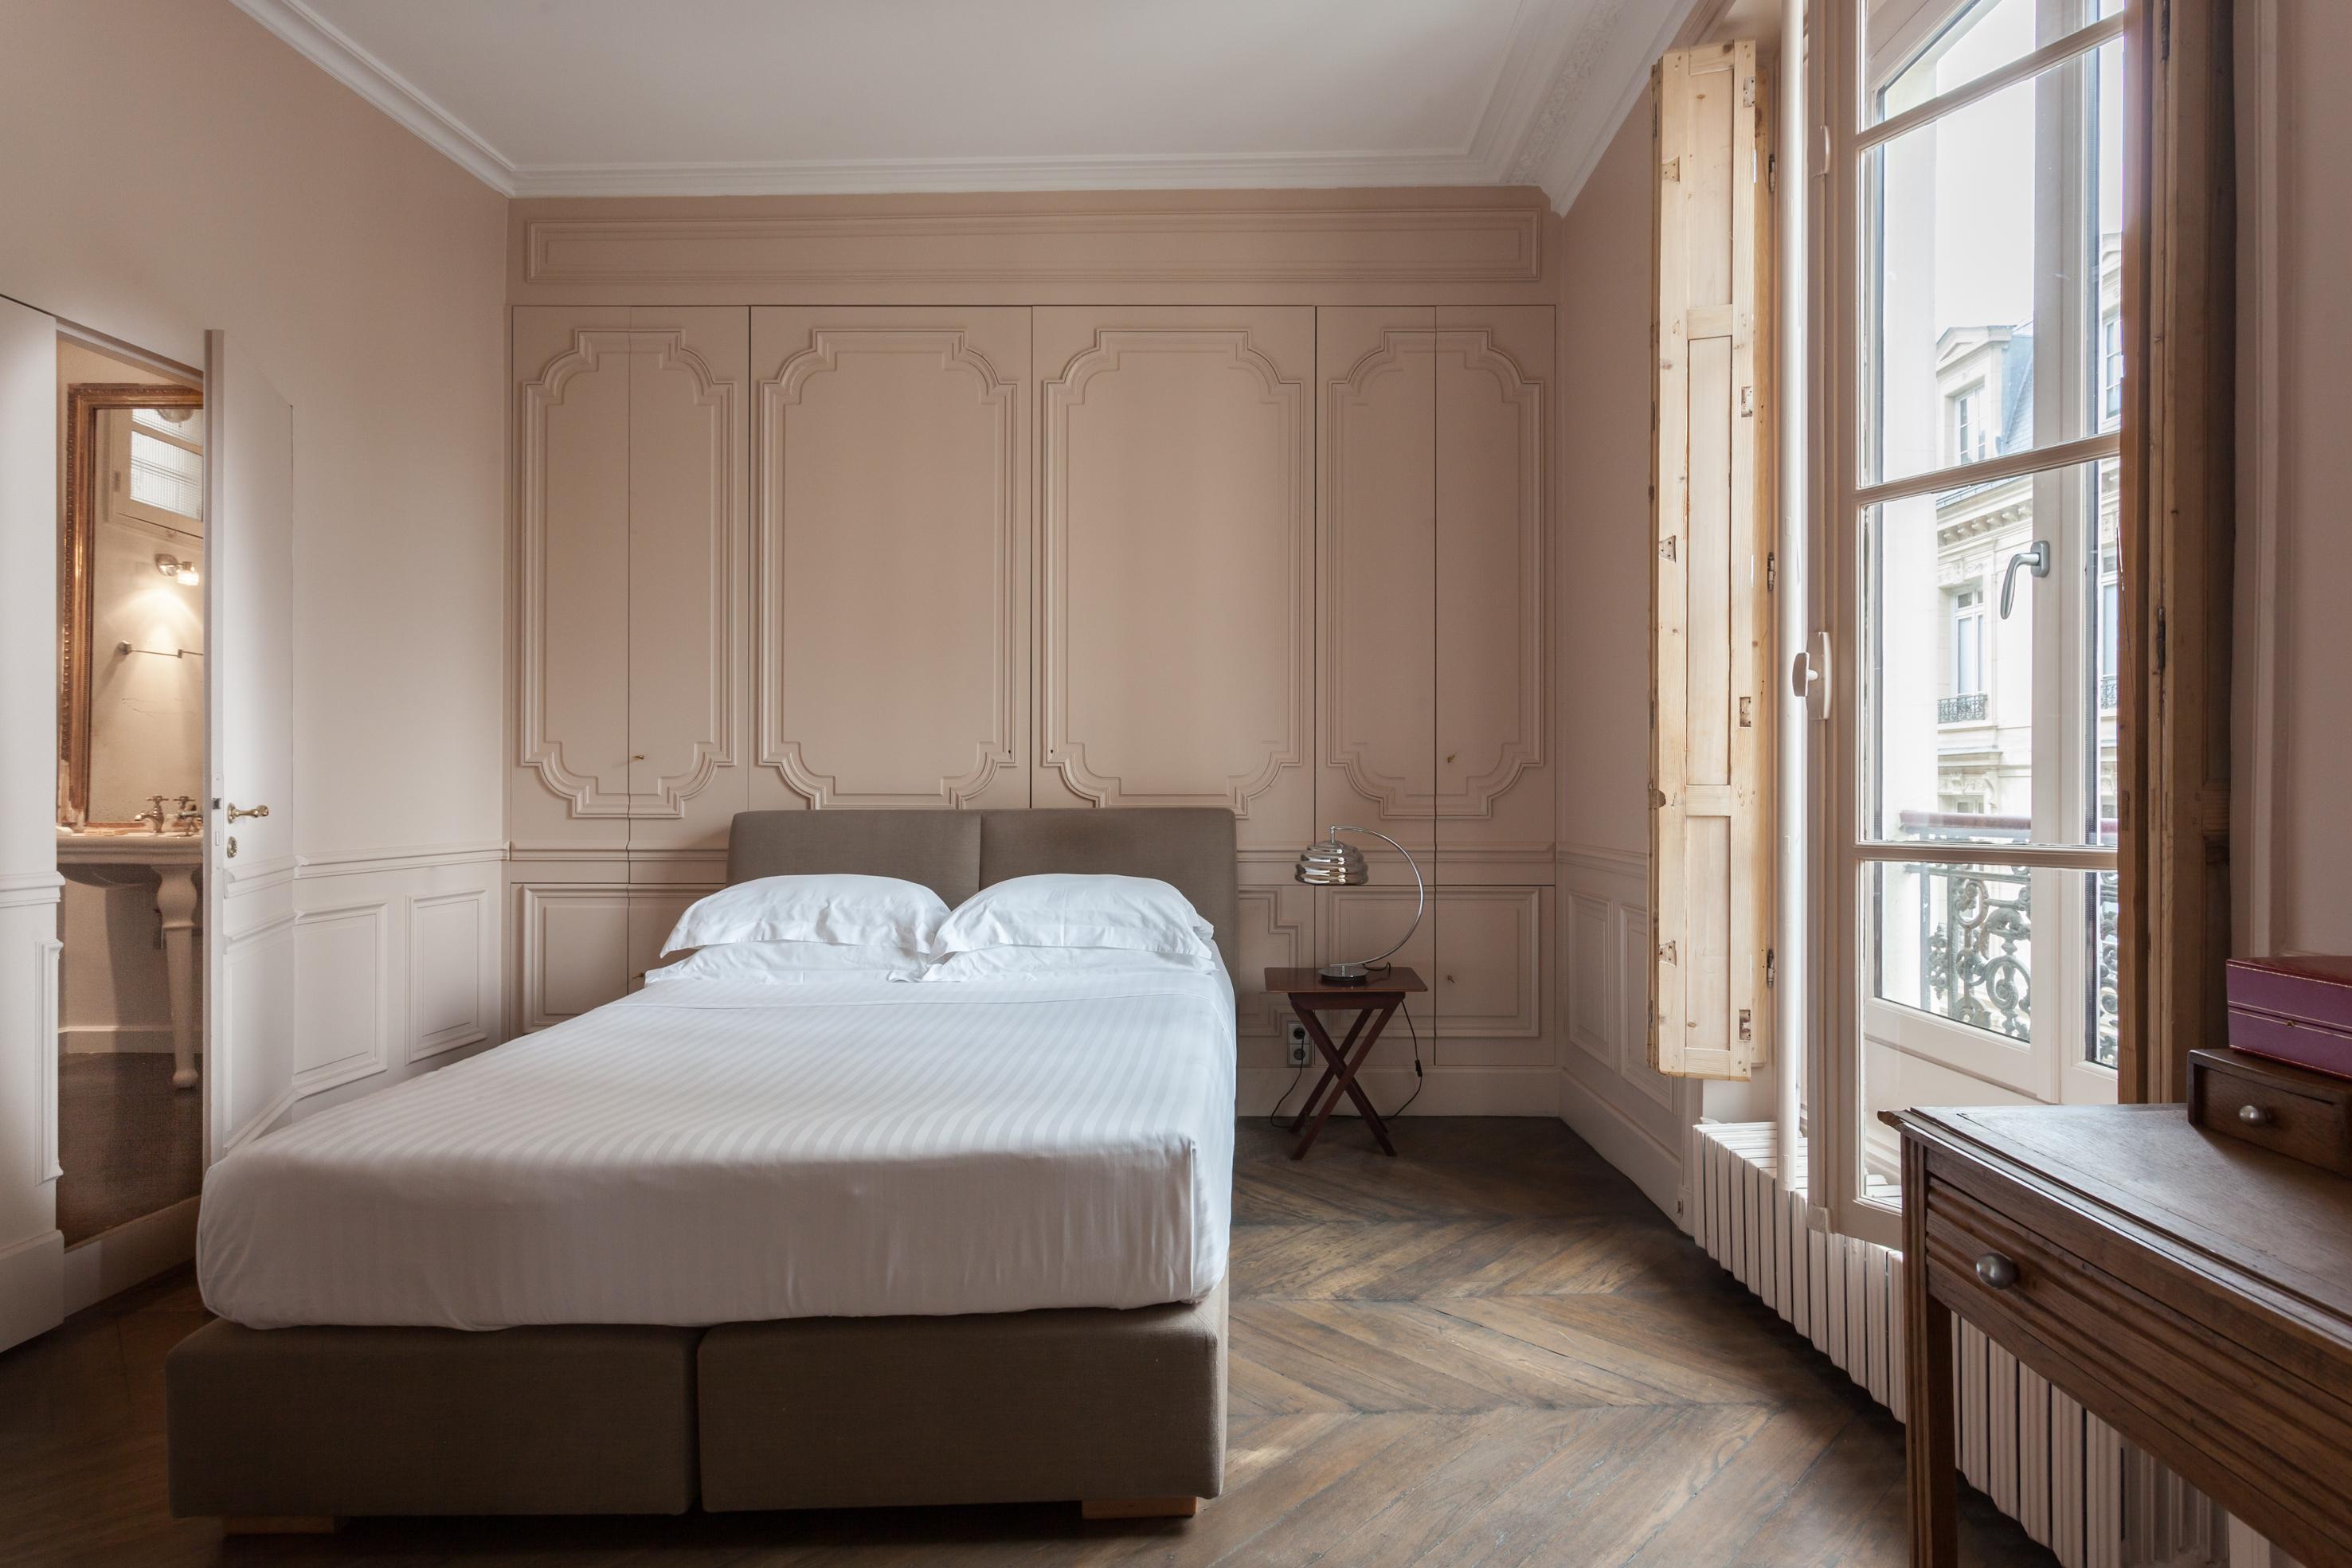 спальня бежевые стены молдинги паркет елочка деревянные ставни французские окна